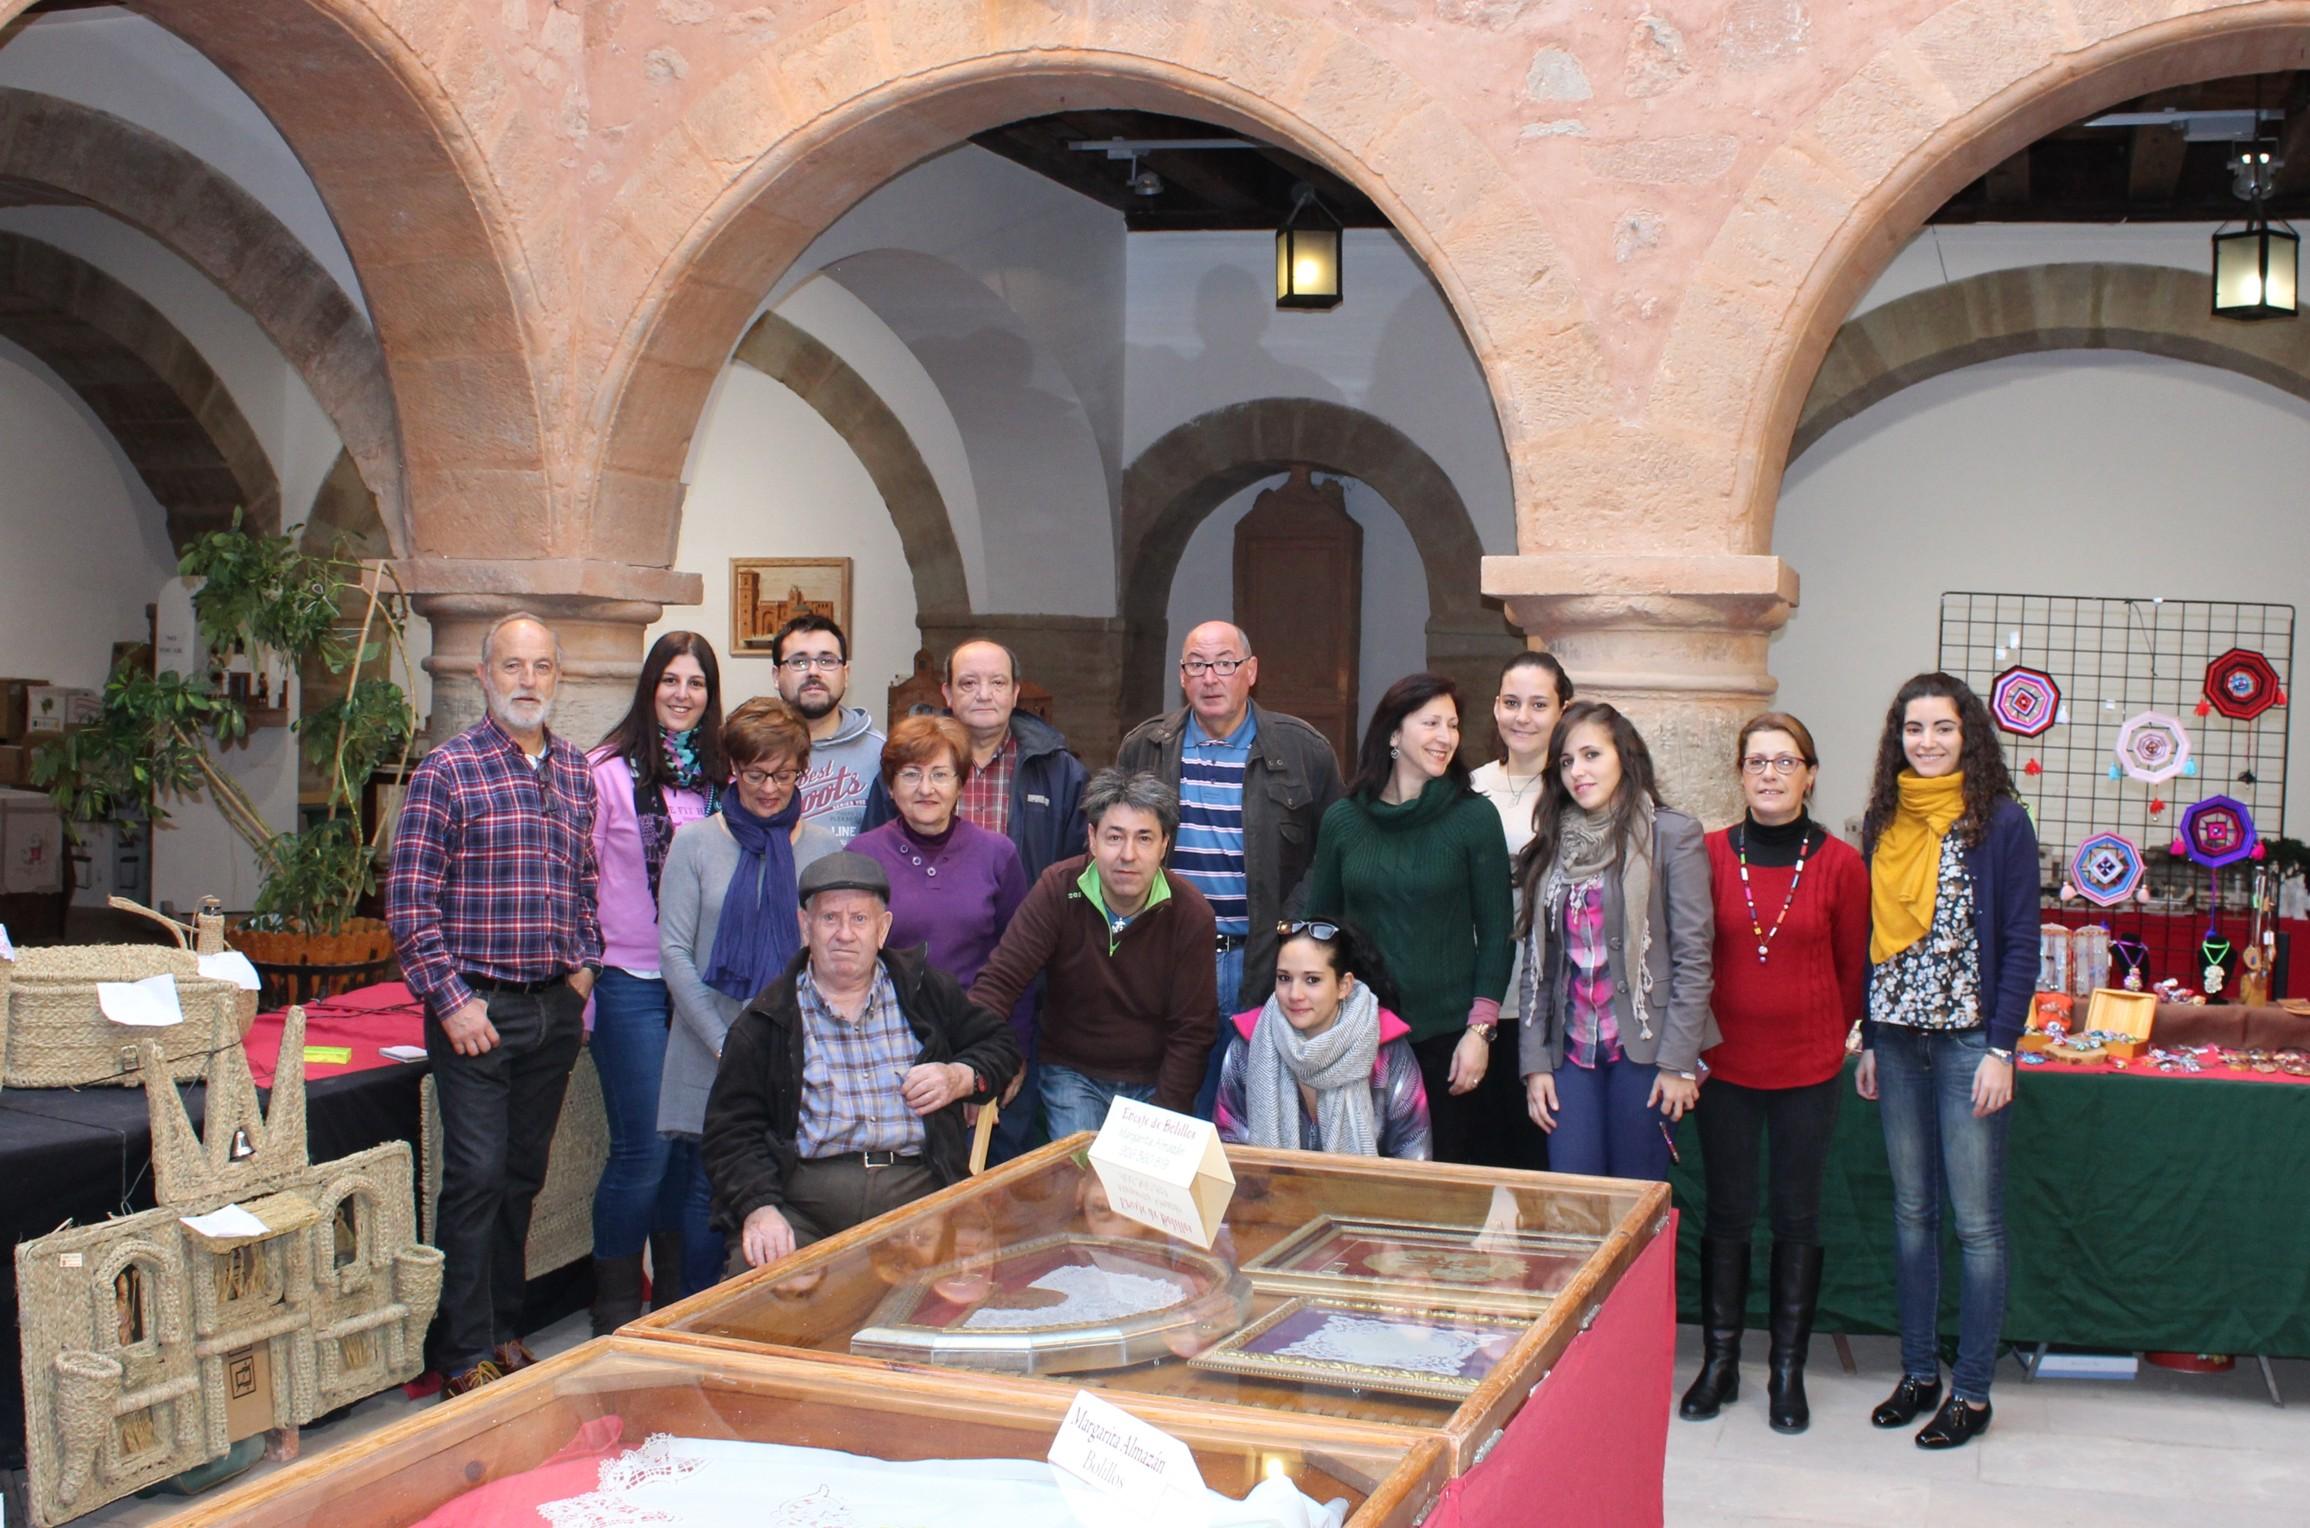 La Feria ArteSano busca revalorizar y visibilizar el sector de la artesanía